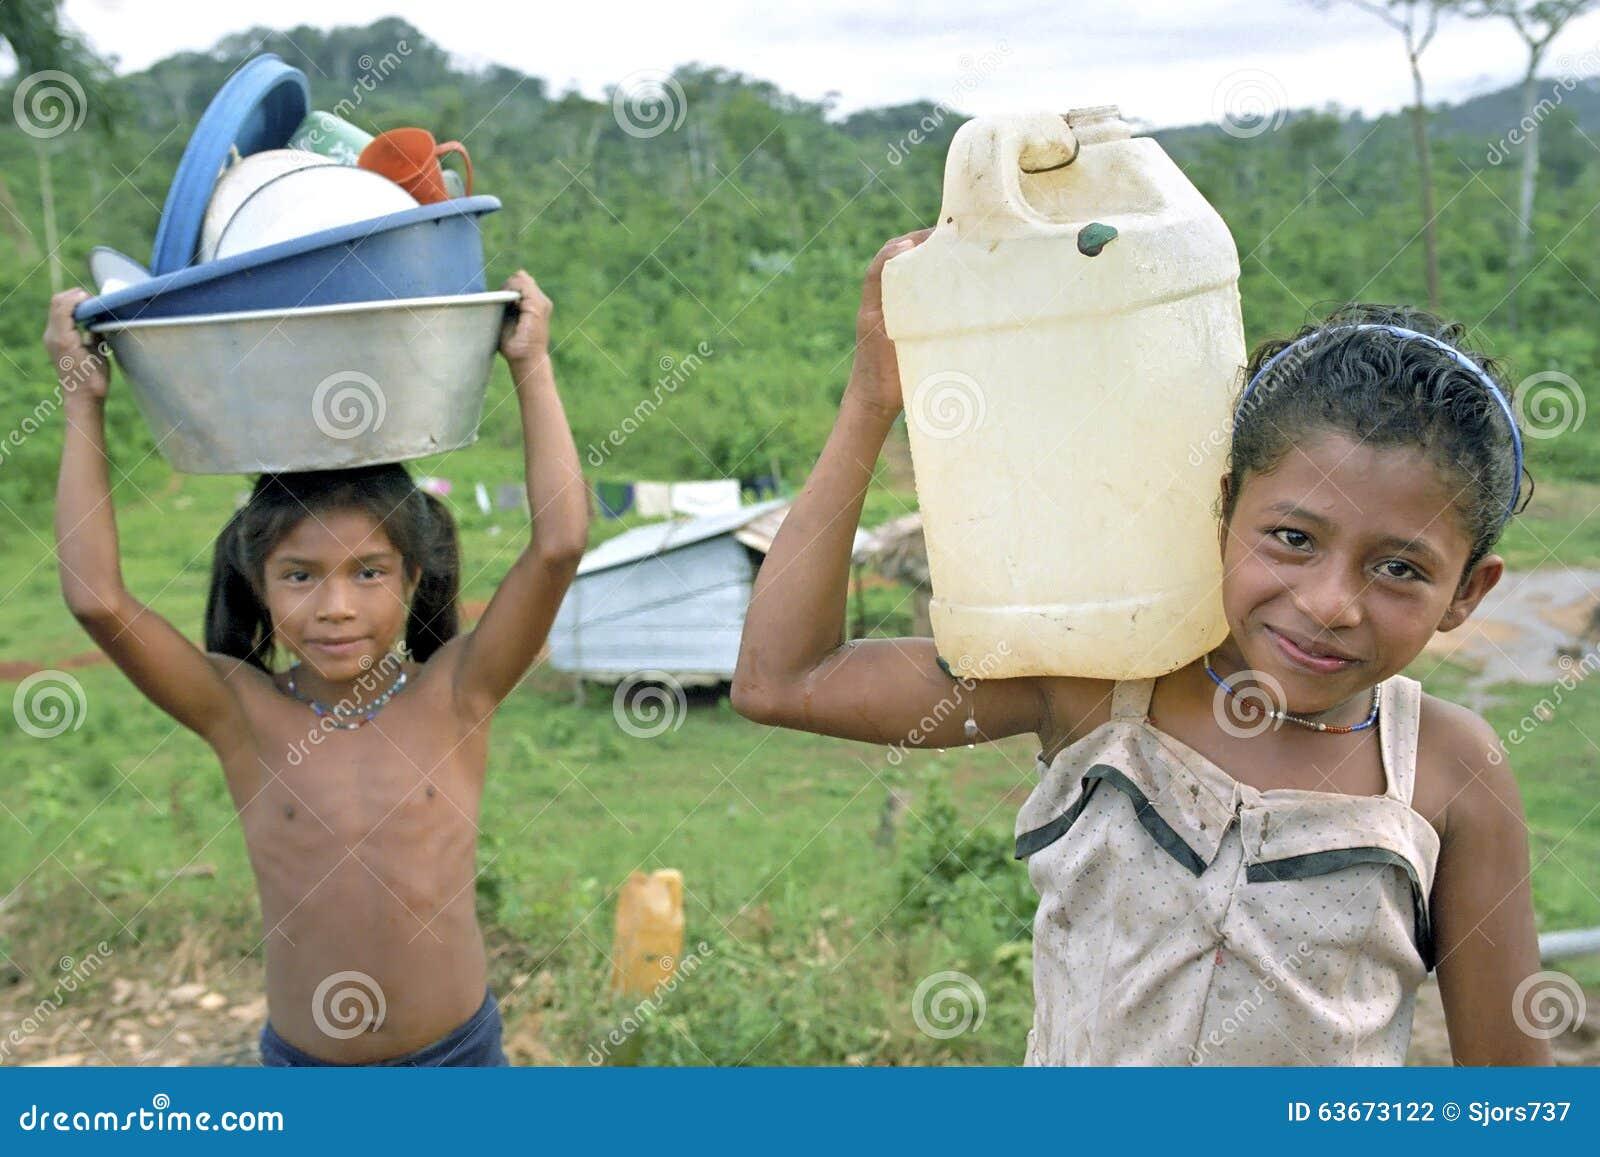 nude indians village girls